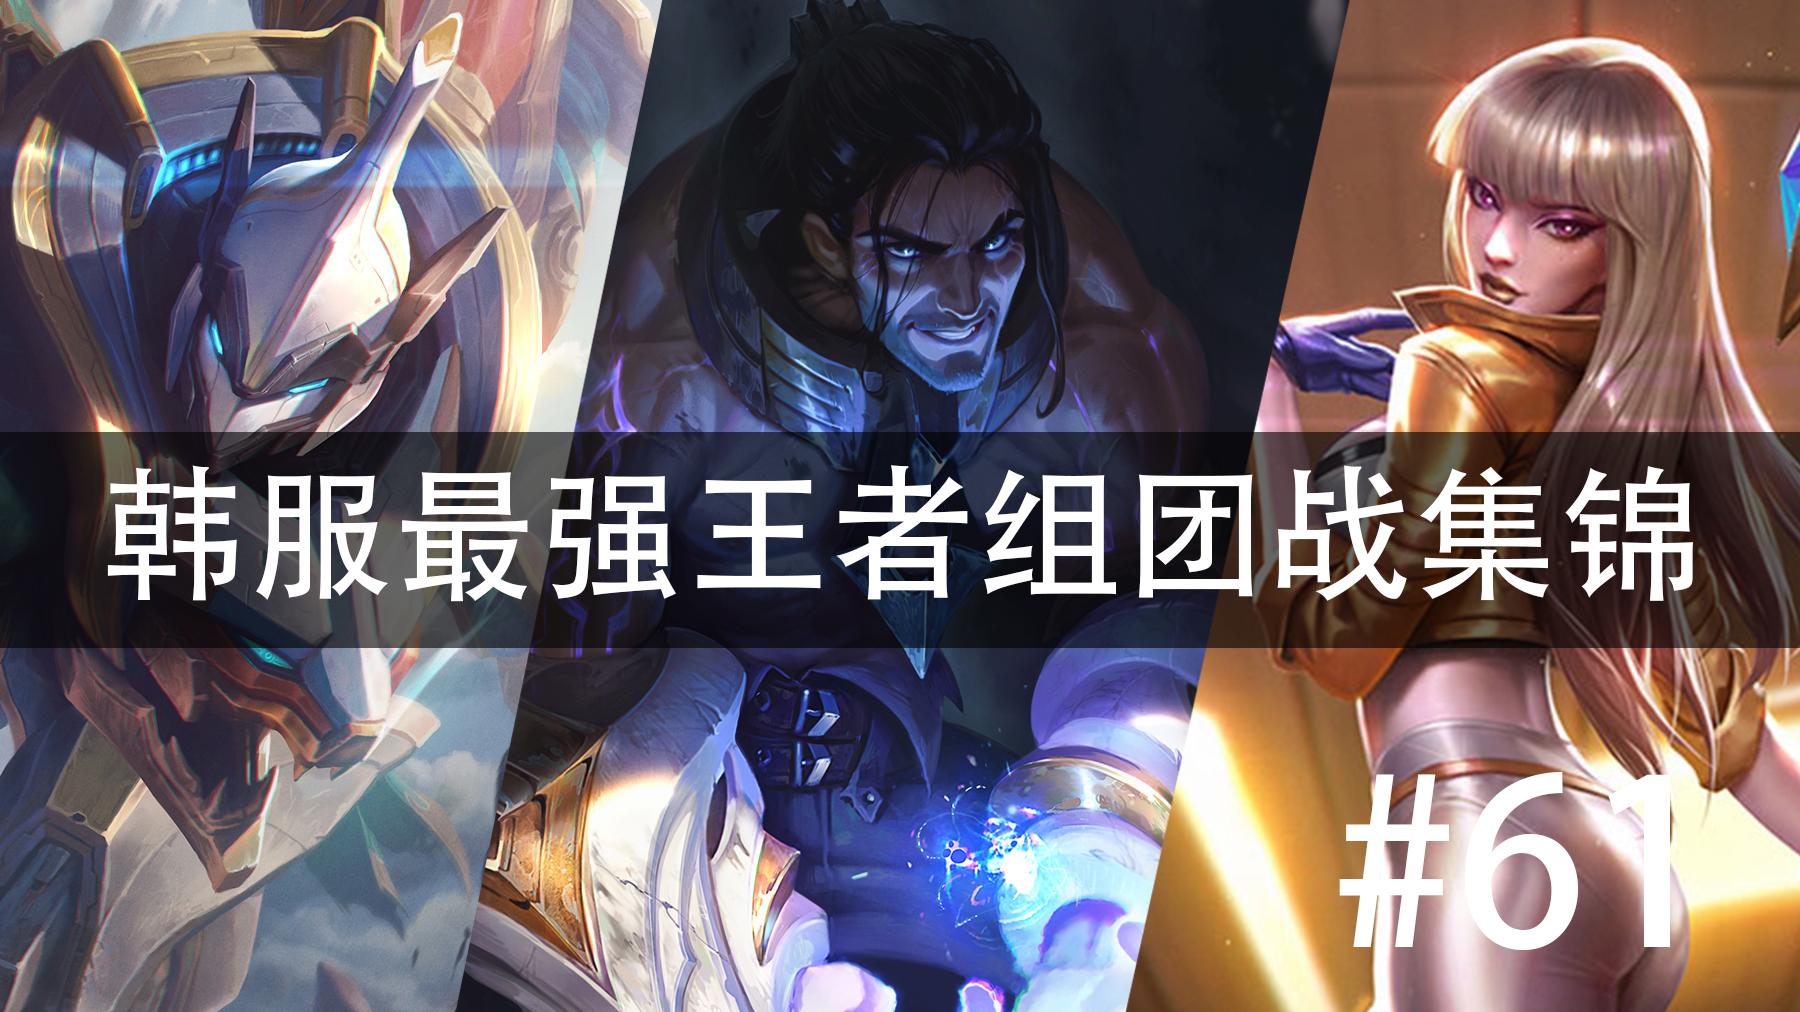 韩服最强王者组团战集锦#61 没想到吧我又更新了 版本:10.5